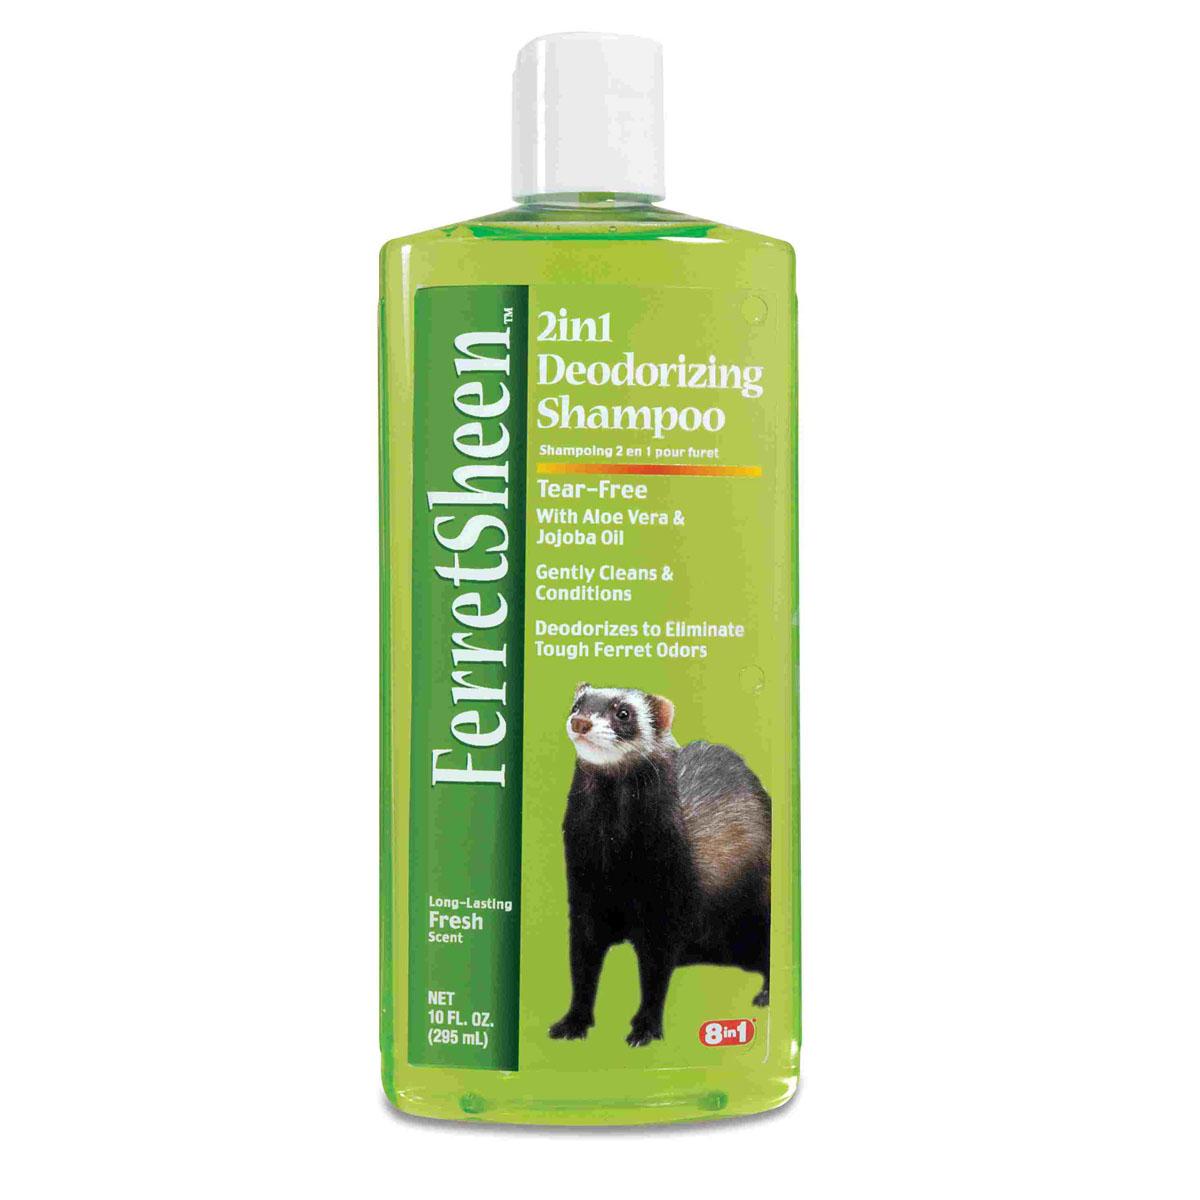 Шампунь для хорьков 8 in1 Shampoo Ferretsheen Deodorizing, дезодорирующий, 295 мл0120710Шампунь для хорьков дезодорирующий содержит мощные микро-капсулированные ферменты, которые эффективно борются с резким неприятным запахом.Масло жожоба и алоэ вера смягчают кожу и ухаживают за шерстью, позволяя ей выглядеть наилучшим образом. Шампунь не раздражает кожу.После купания шерсть хорька надолго сохраняет приятный аромат огурца и дыни. Полностью намочите шерсть хорька, нанесите шампунь и вспеньте. Для достижения наилучшего результата оставьте шампунь на шерсти в течение нескольких минут, втирая его массажными движениями. Хорошо смойте водой, насухо вытрите и расчешите шерсть зверька.